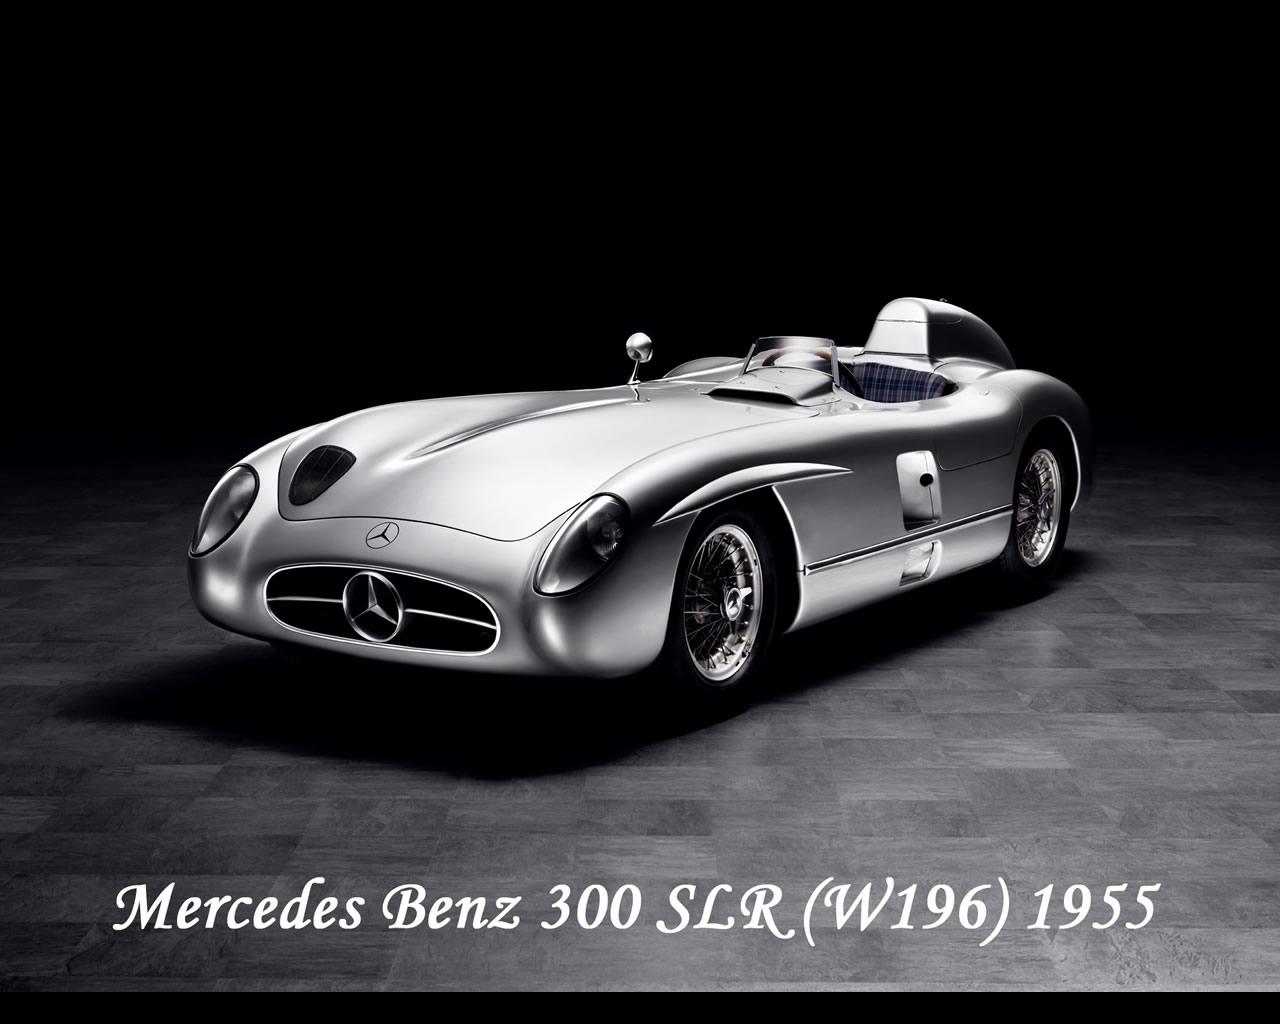 Mercedes benz mclaren slr stirling moss 2009 for Moss mercedes benz